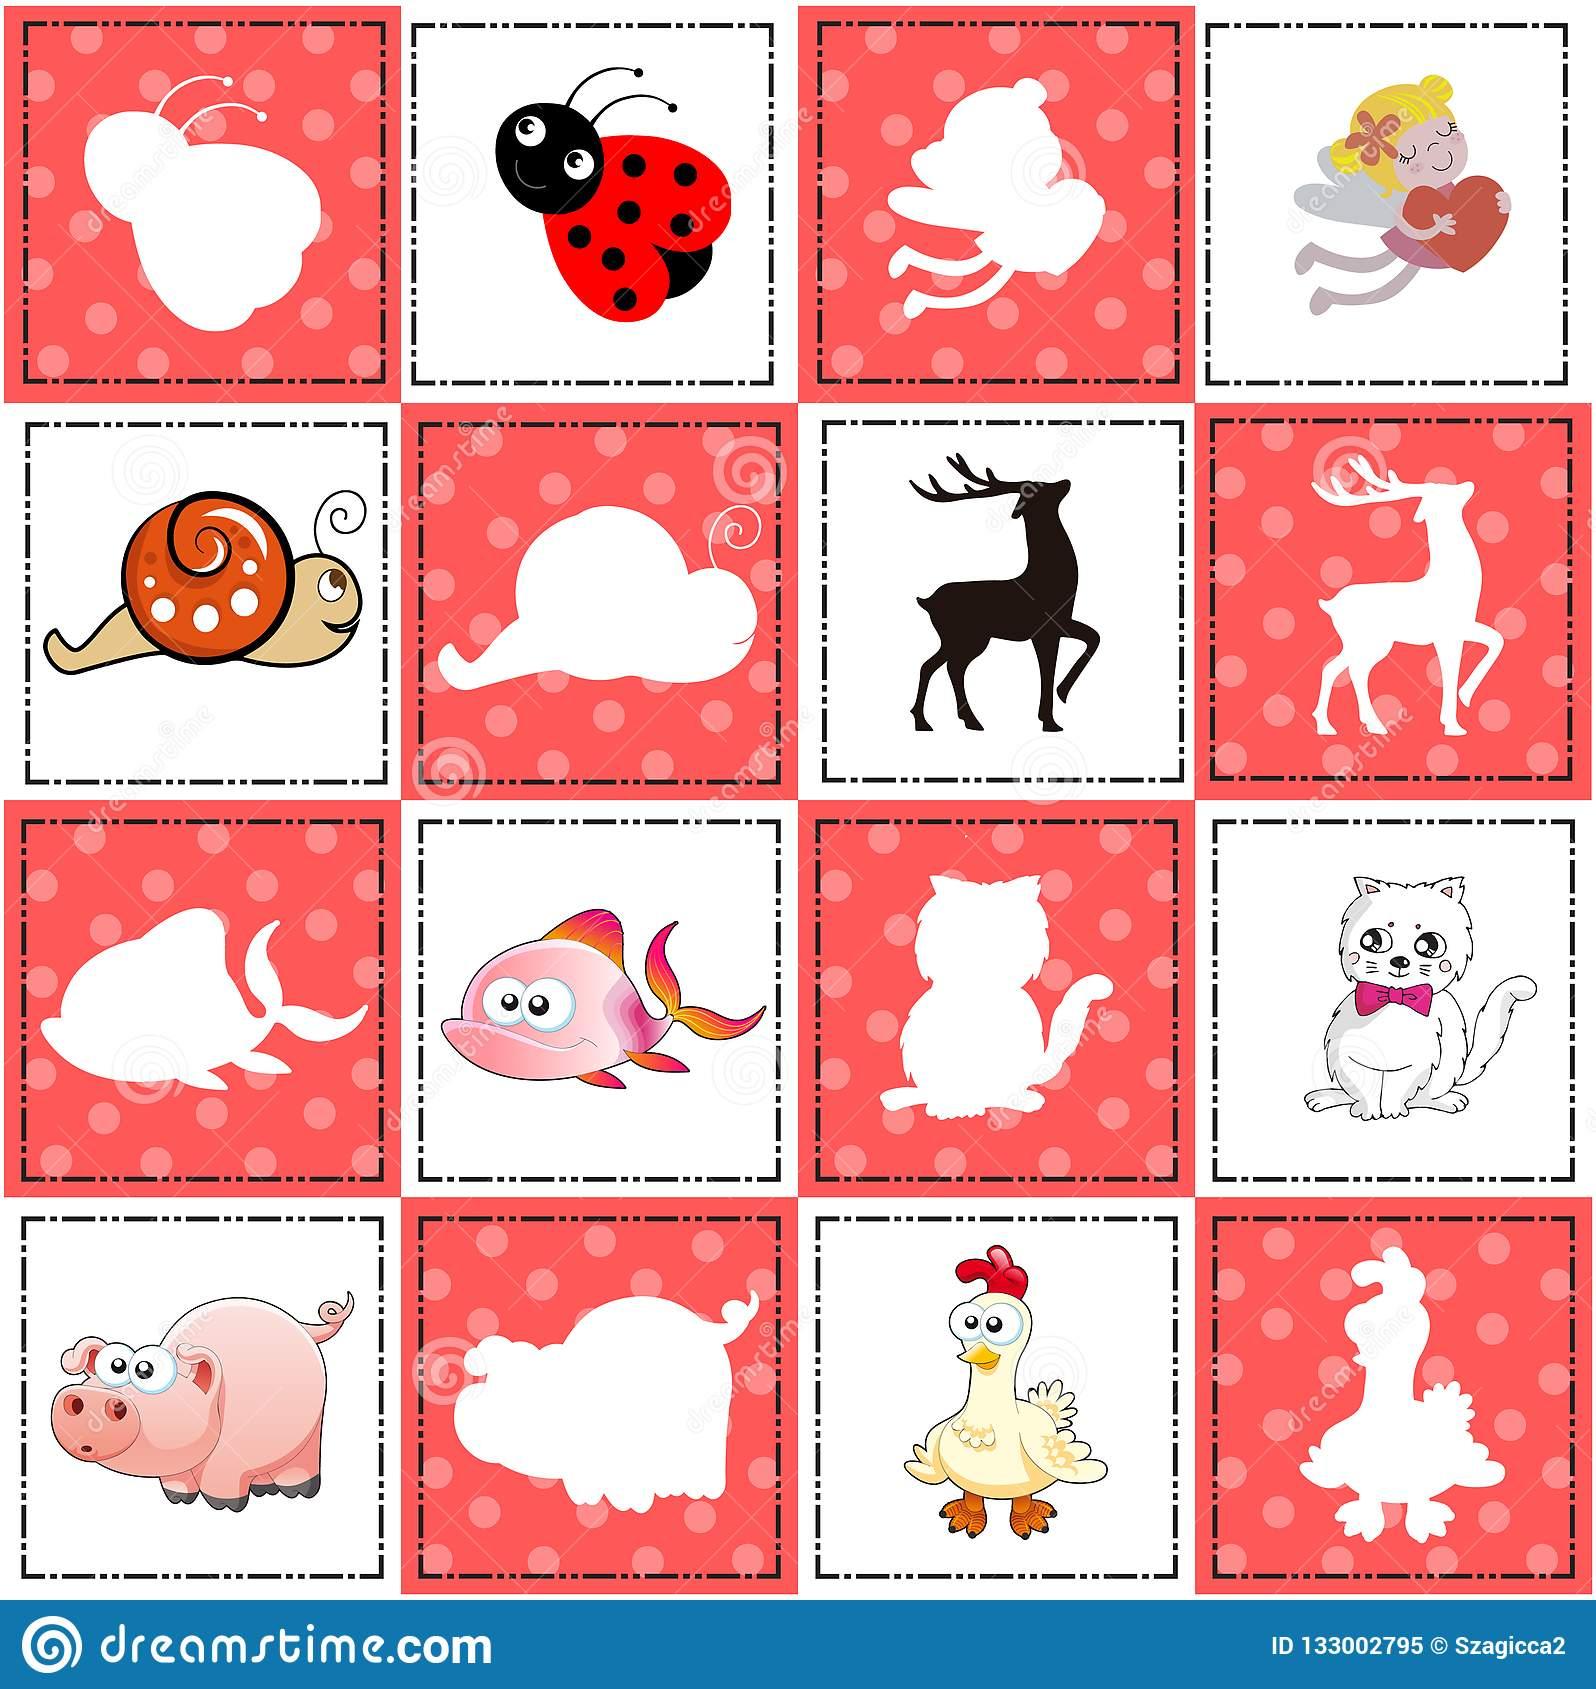 Jeu De Mémoire Pour Les Enfants Préscolaires, Cartes De avec Jeux De Memoire Enfant